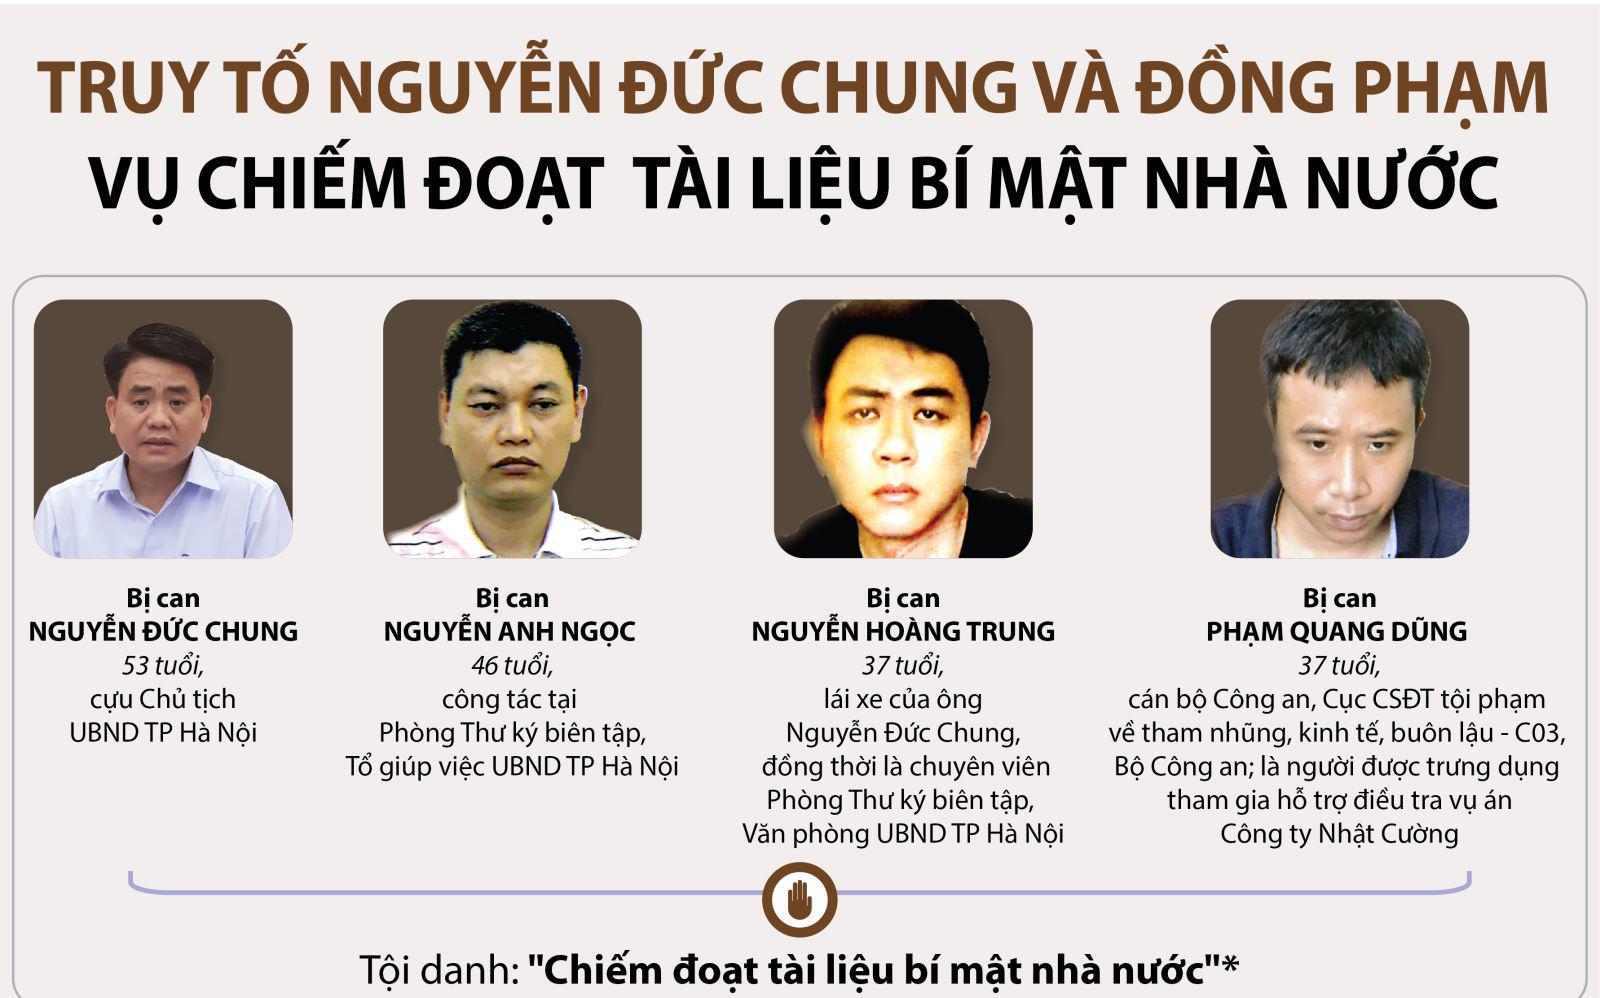 Xét xử kín vụ án bị cáo Nguyễn Đức Chung chiếm đoạt tài liệu bí mật nhà nước - Ảnh 1.